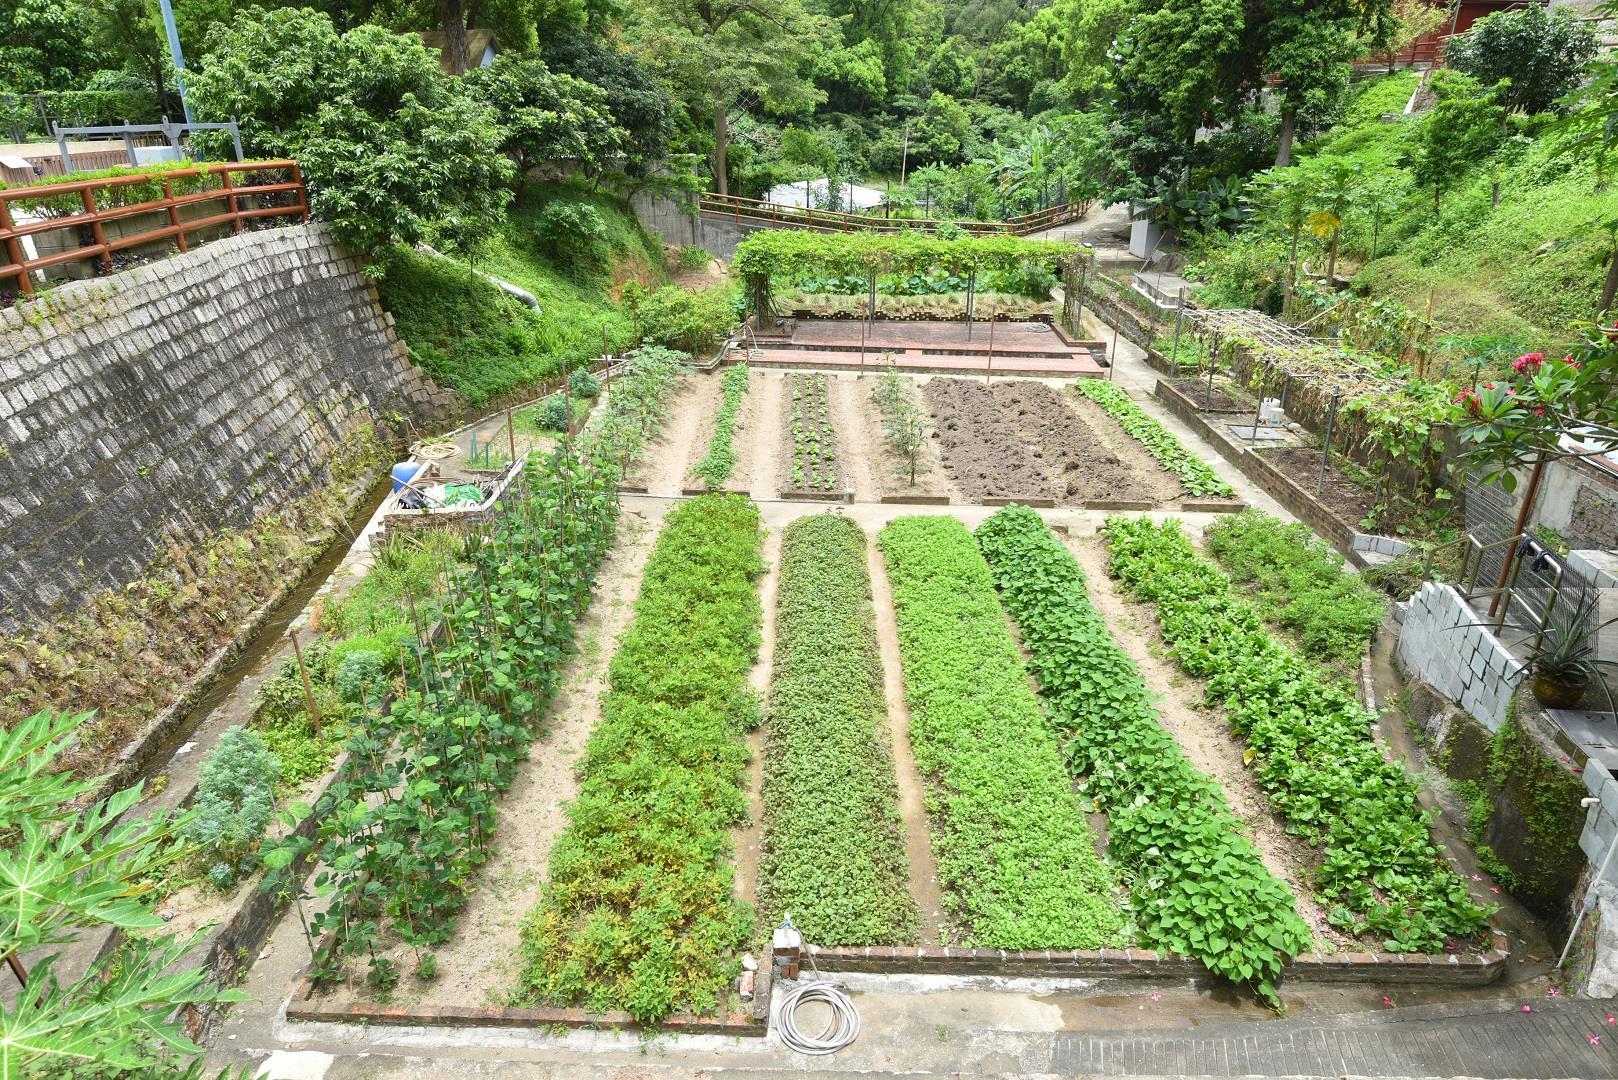 Oscar Farm